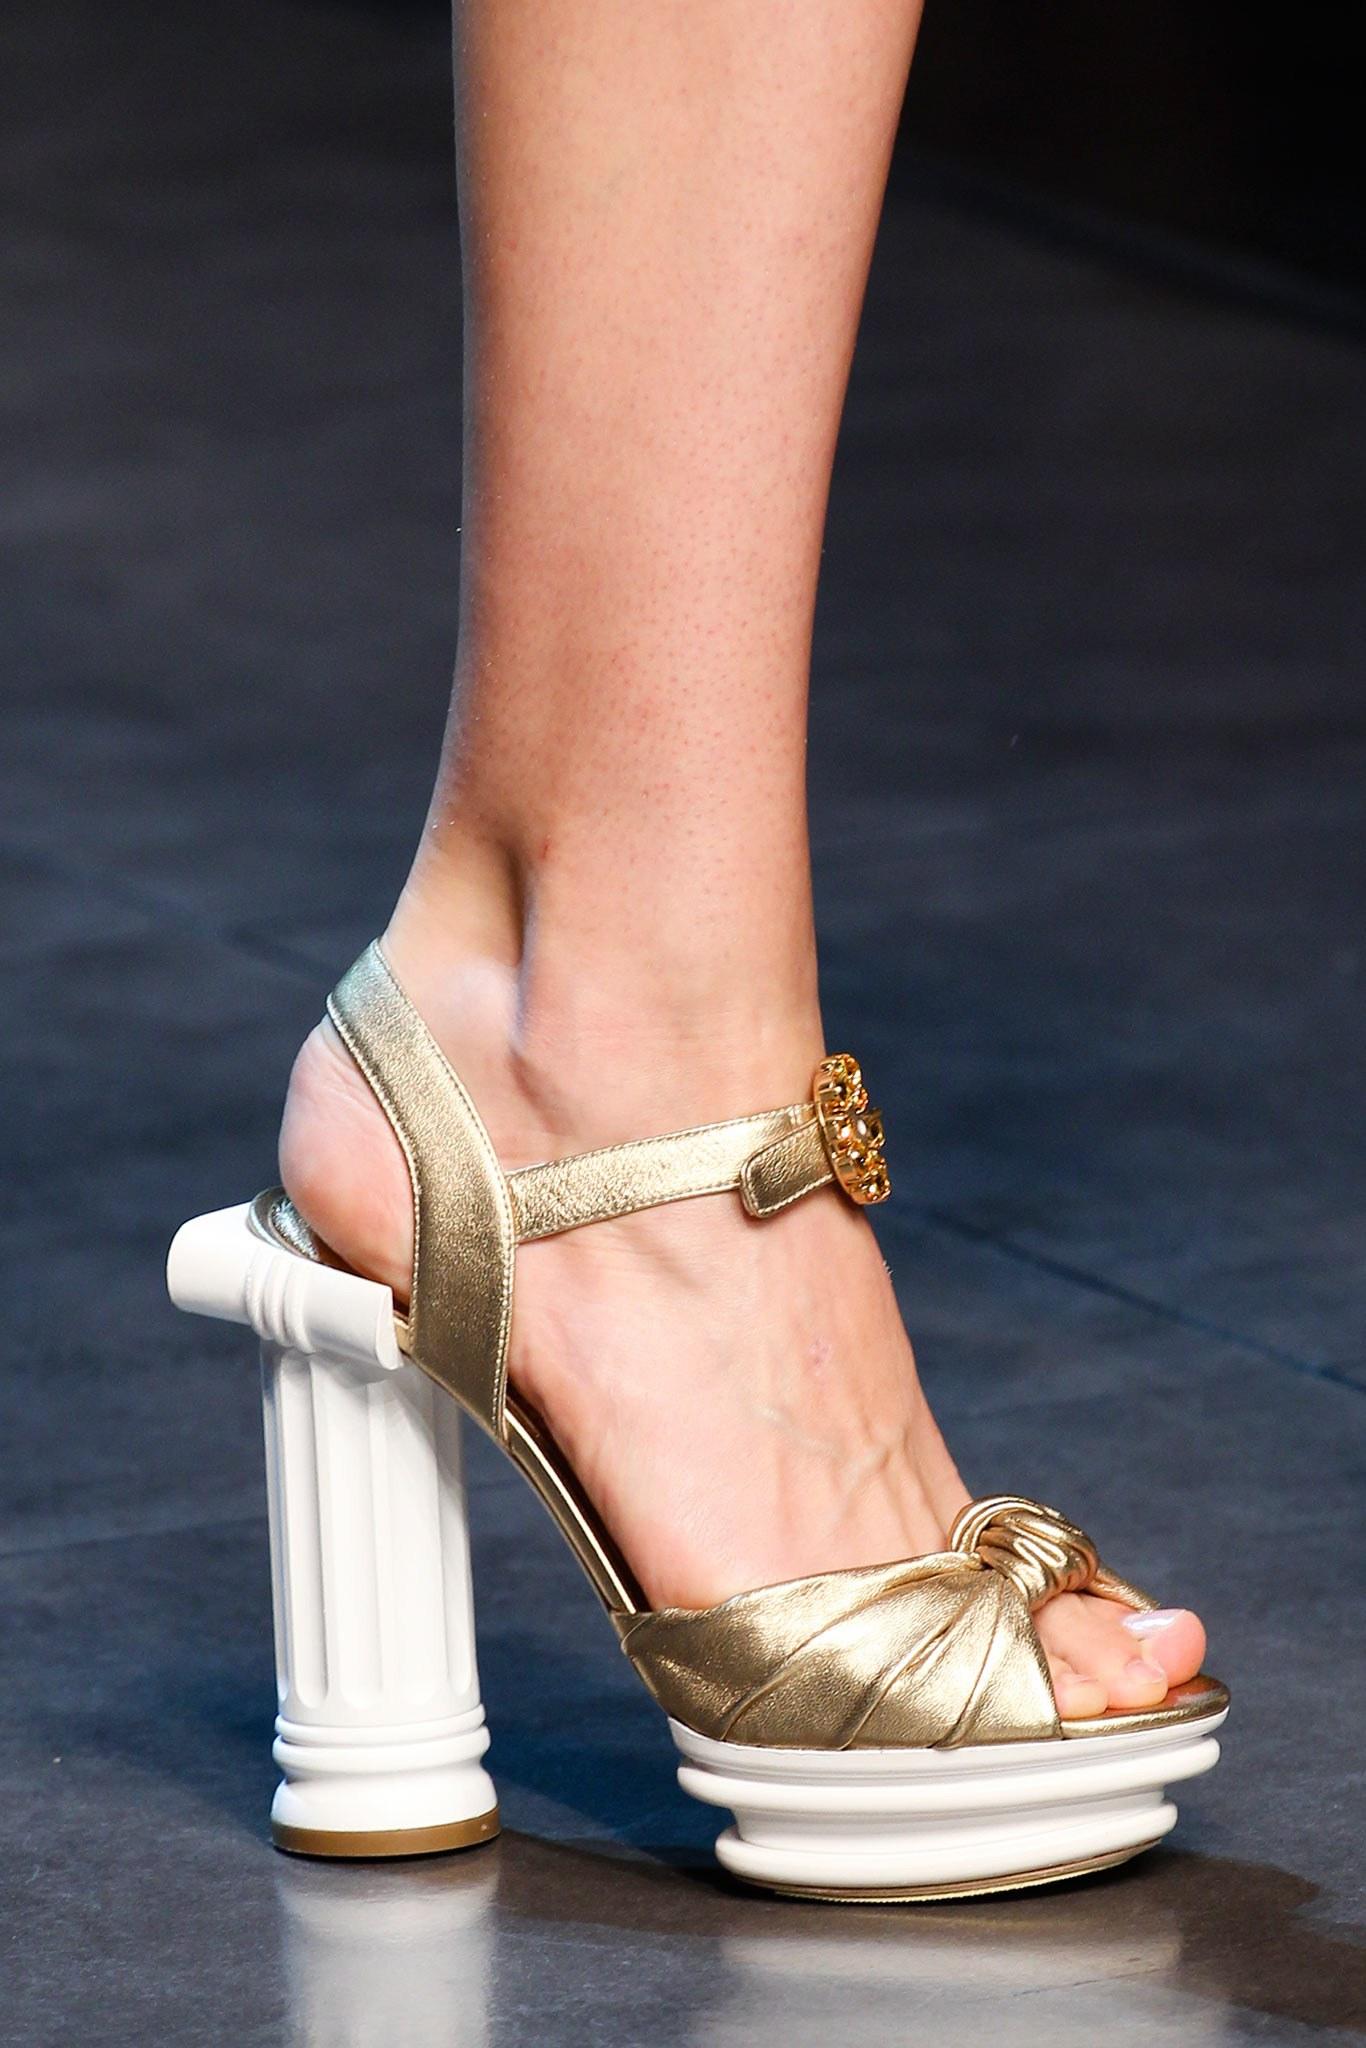 Dolce & Gabbana SS14 / Photo: vogue.com